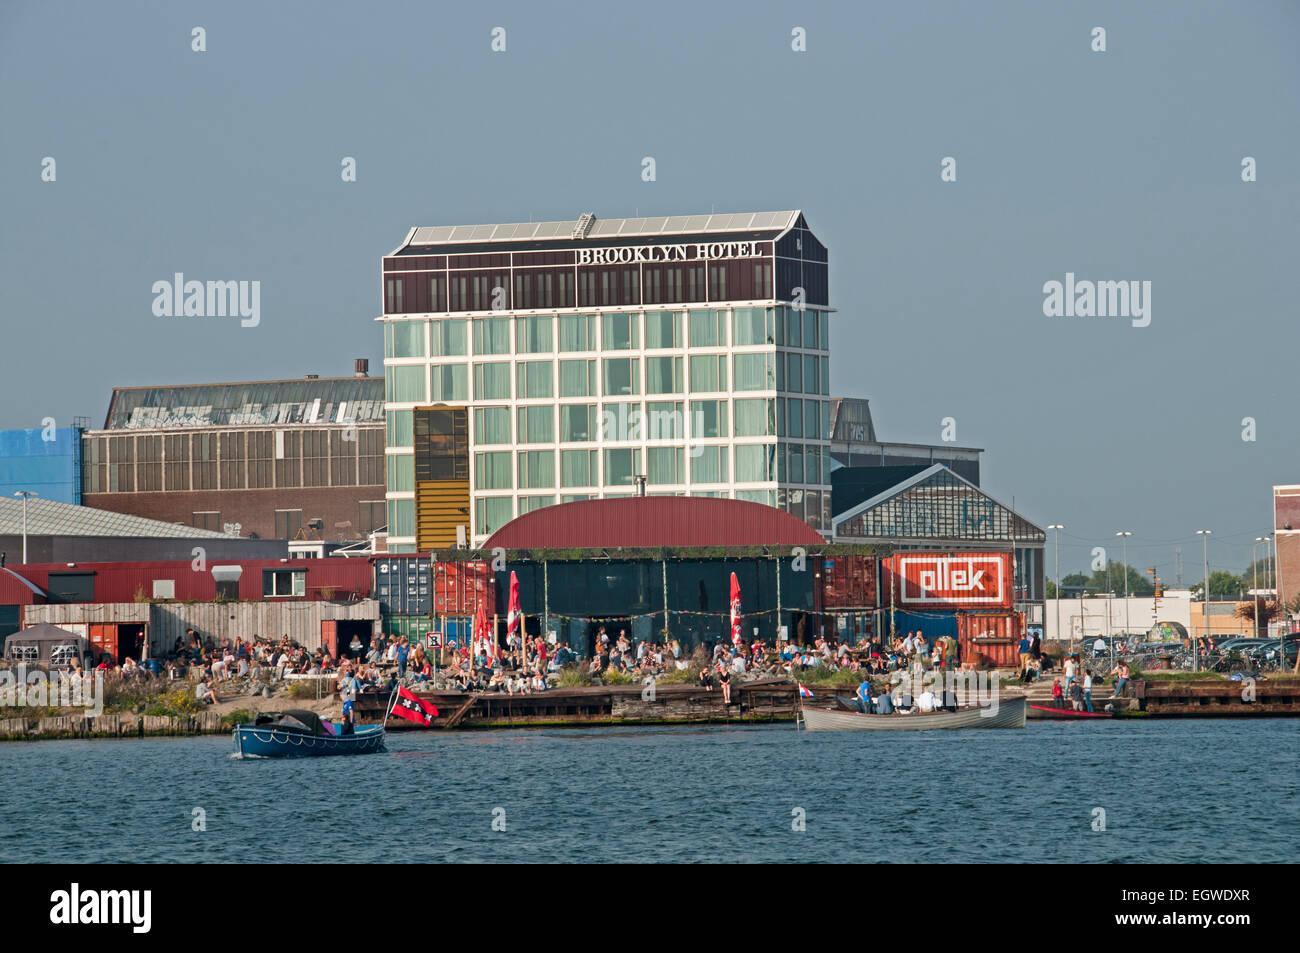 Pllek Strand Café Pub Bar, die Pllek der Industrierohstoffe (Containern) Restaurant auf der IJ-Hafen-NDSM-Werft Stockbild